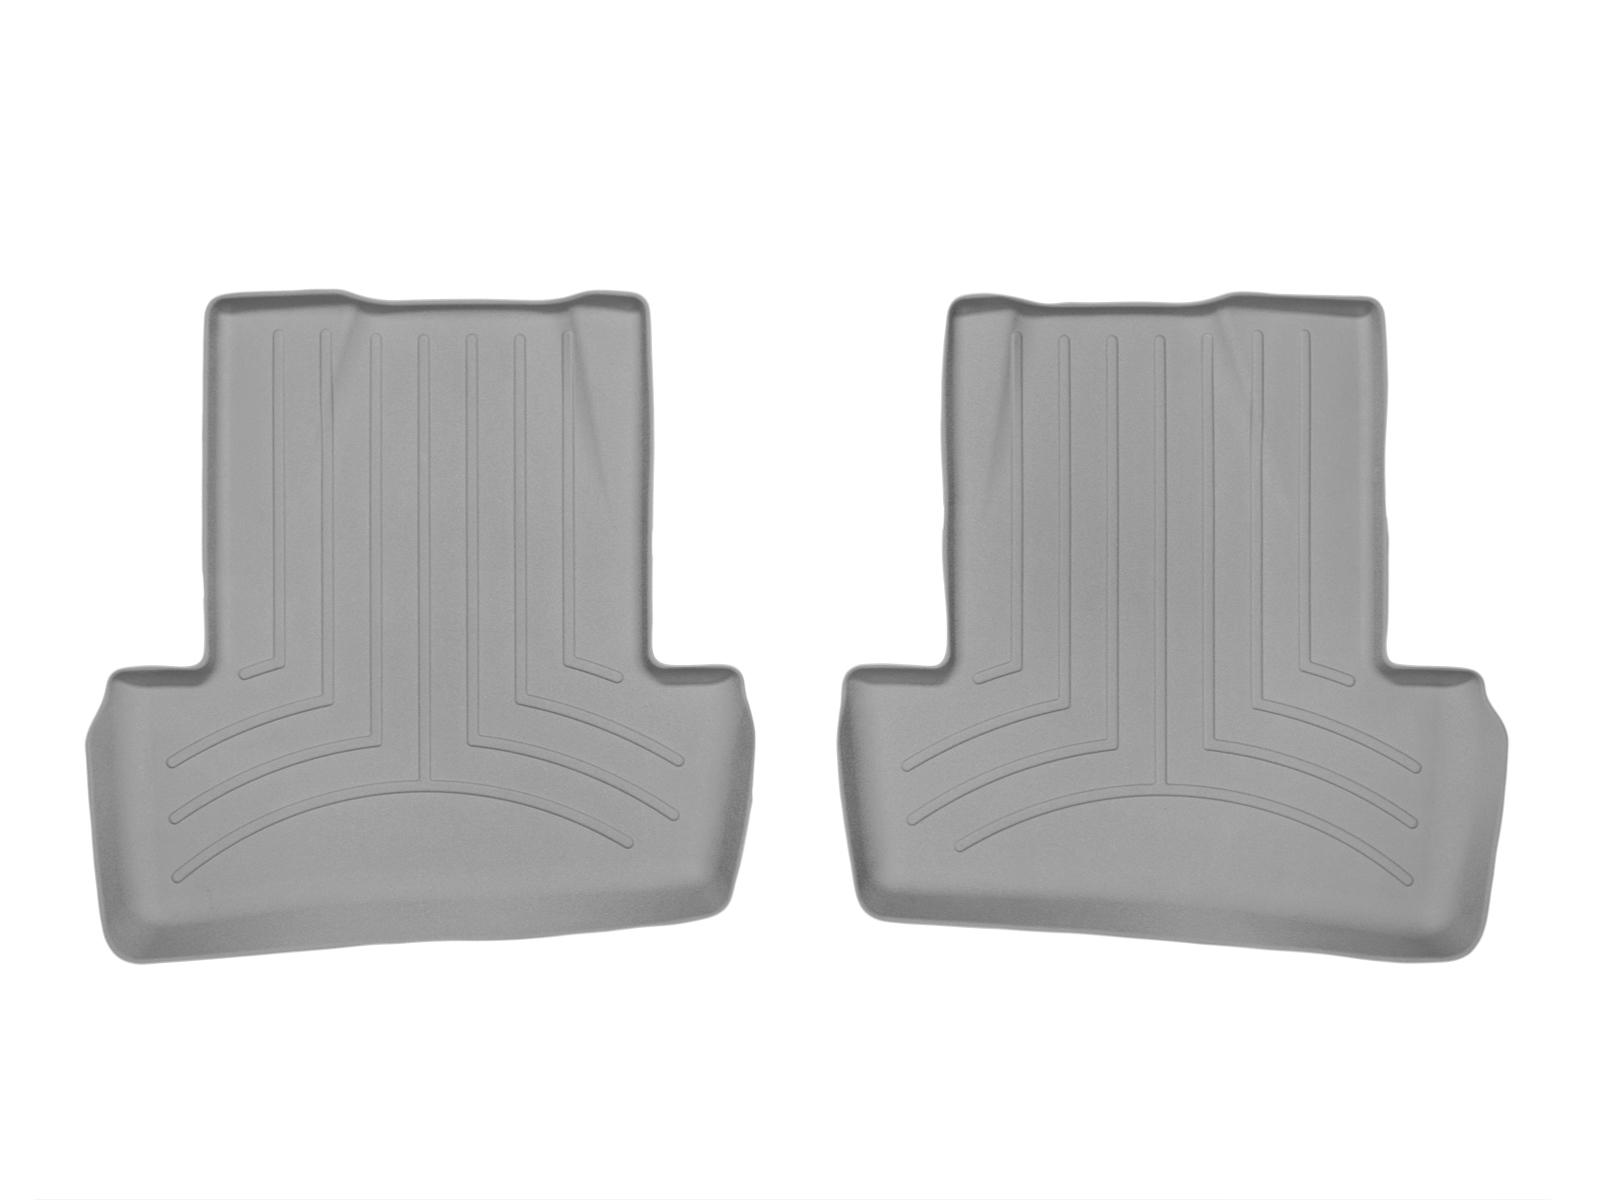 Tappeti gomma su misura bordo alto Renault Clio 06>14 Grigio A3229